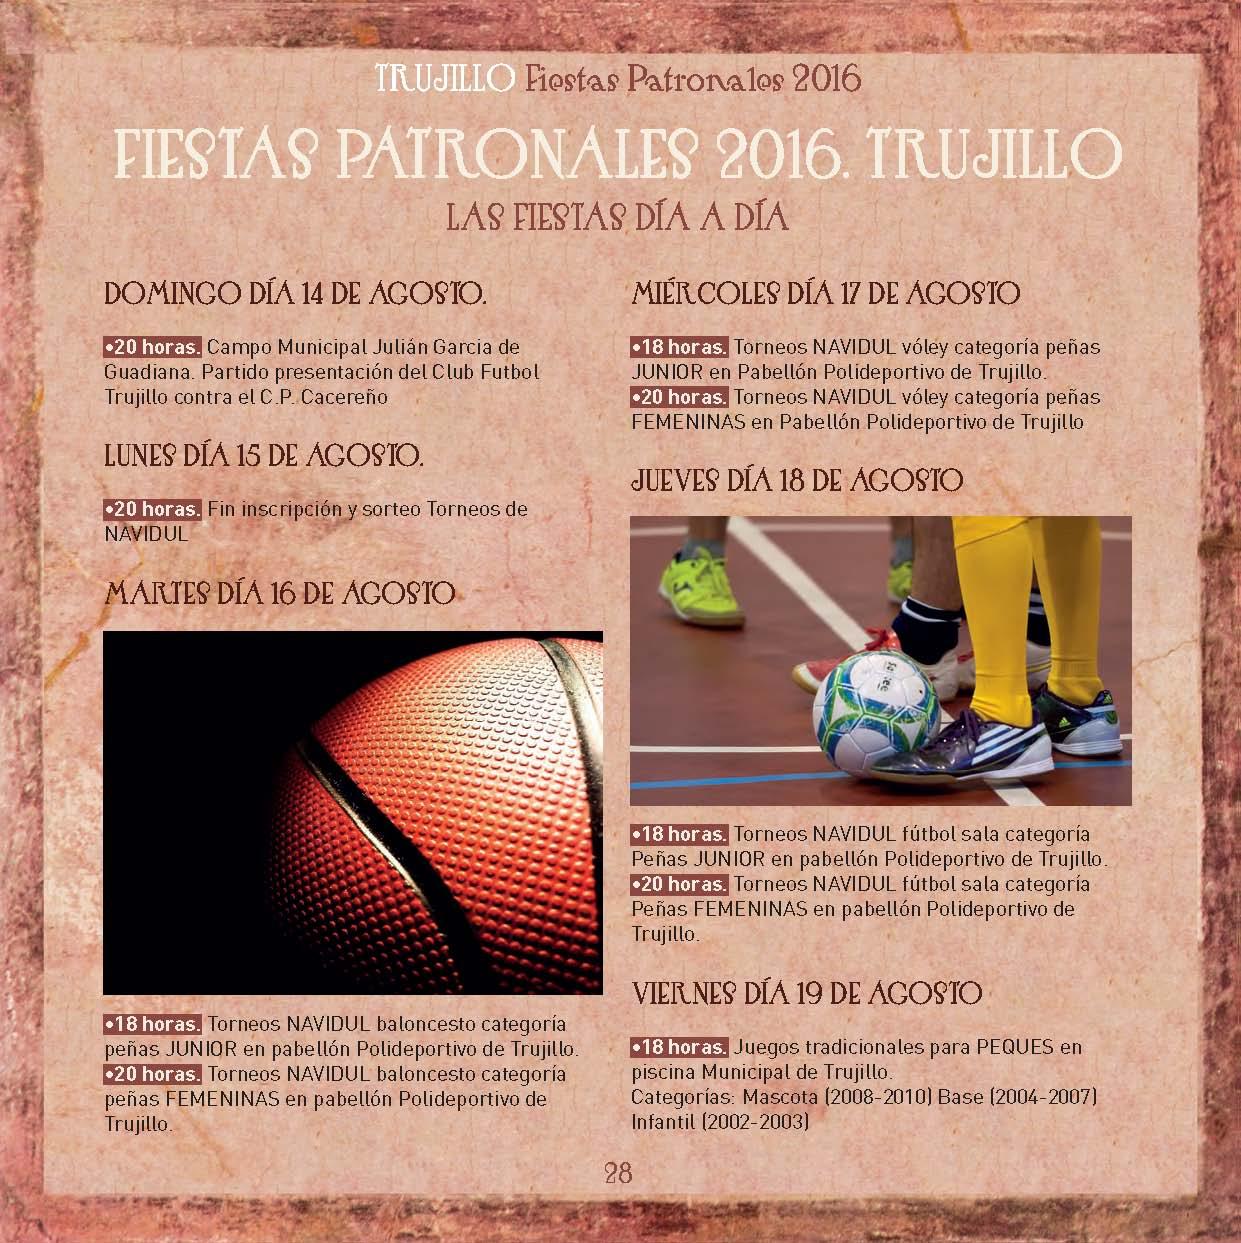 Fiestas Patronales de Trujillo 2016 _1